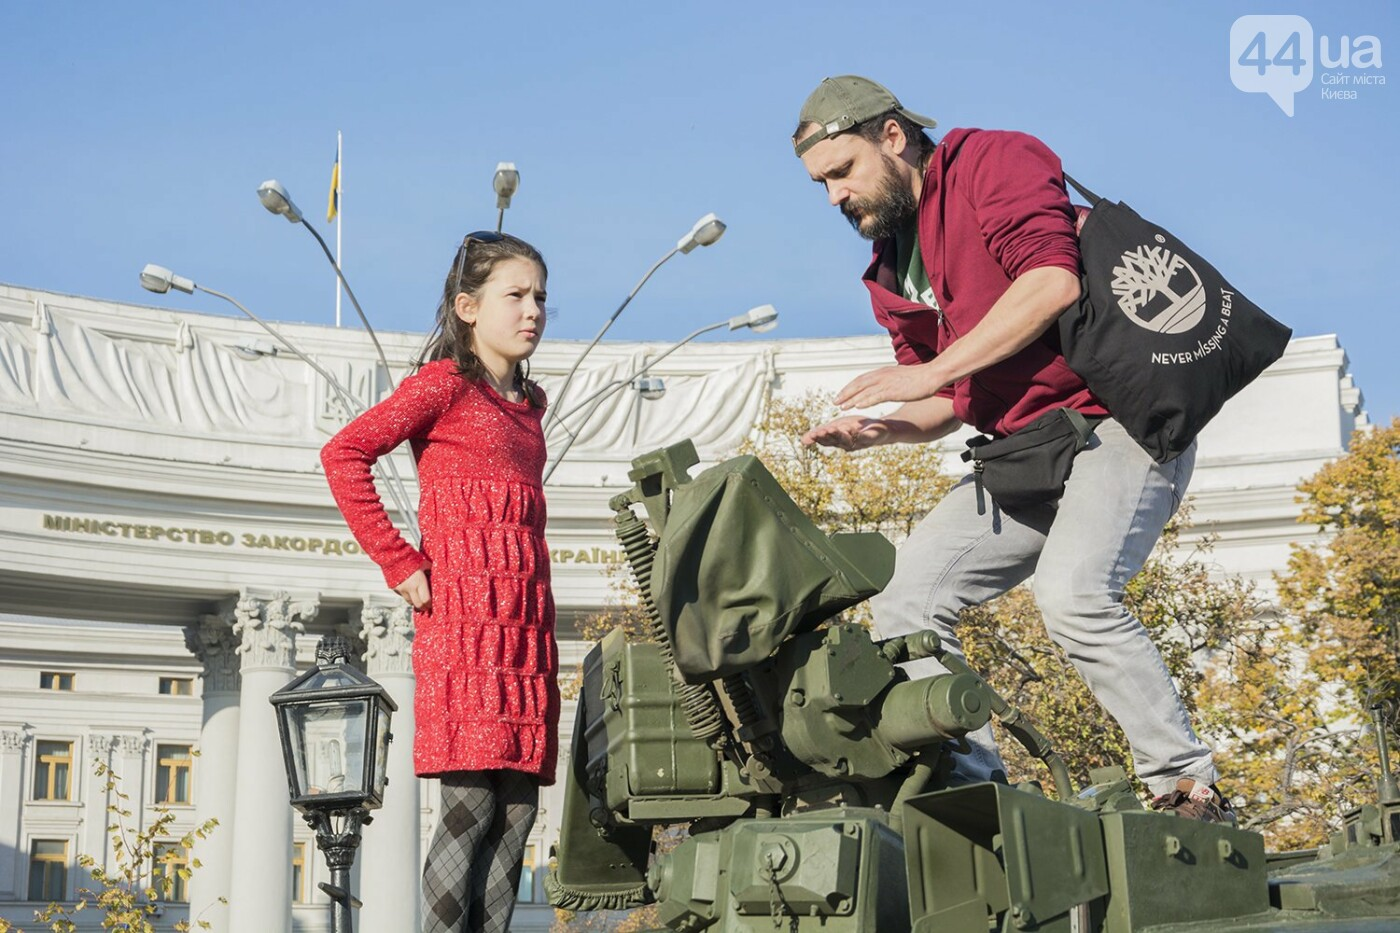 В Киеве открылась масштабная выставка военной техники – ФОТОРЕПОРТАЖ, фото-8